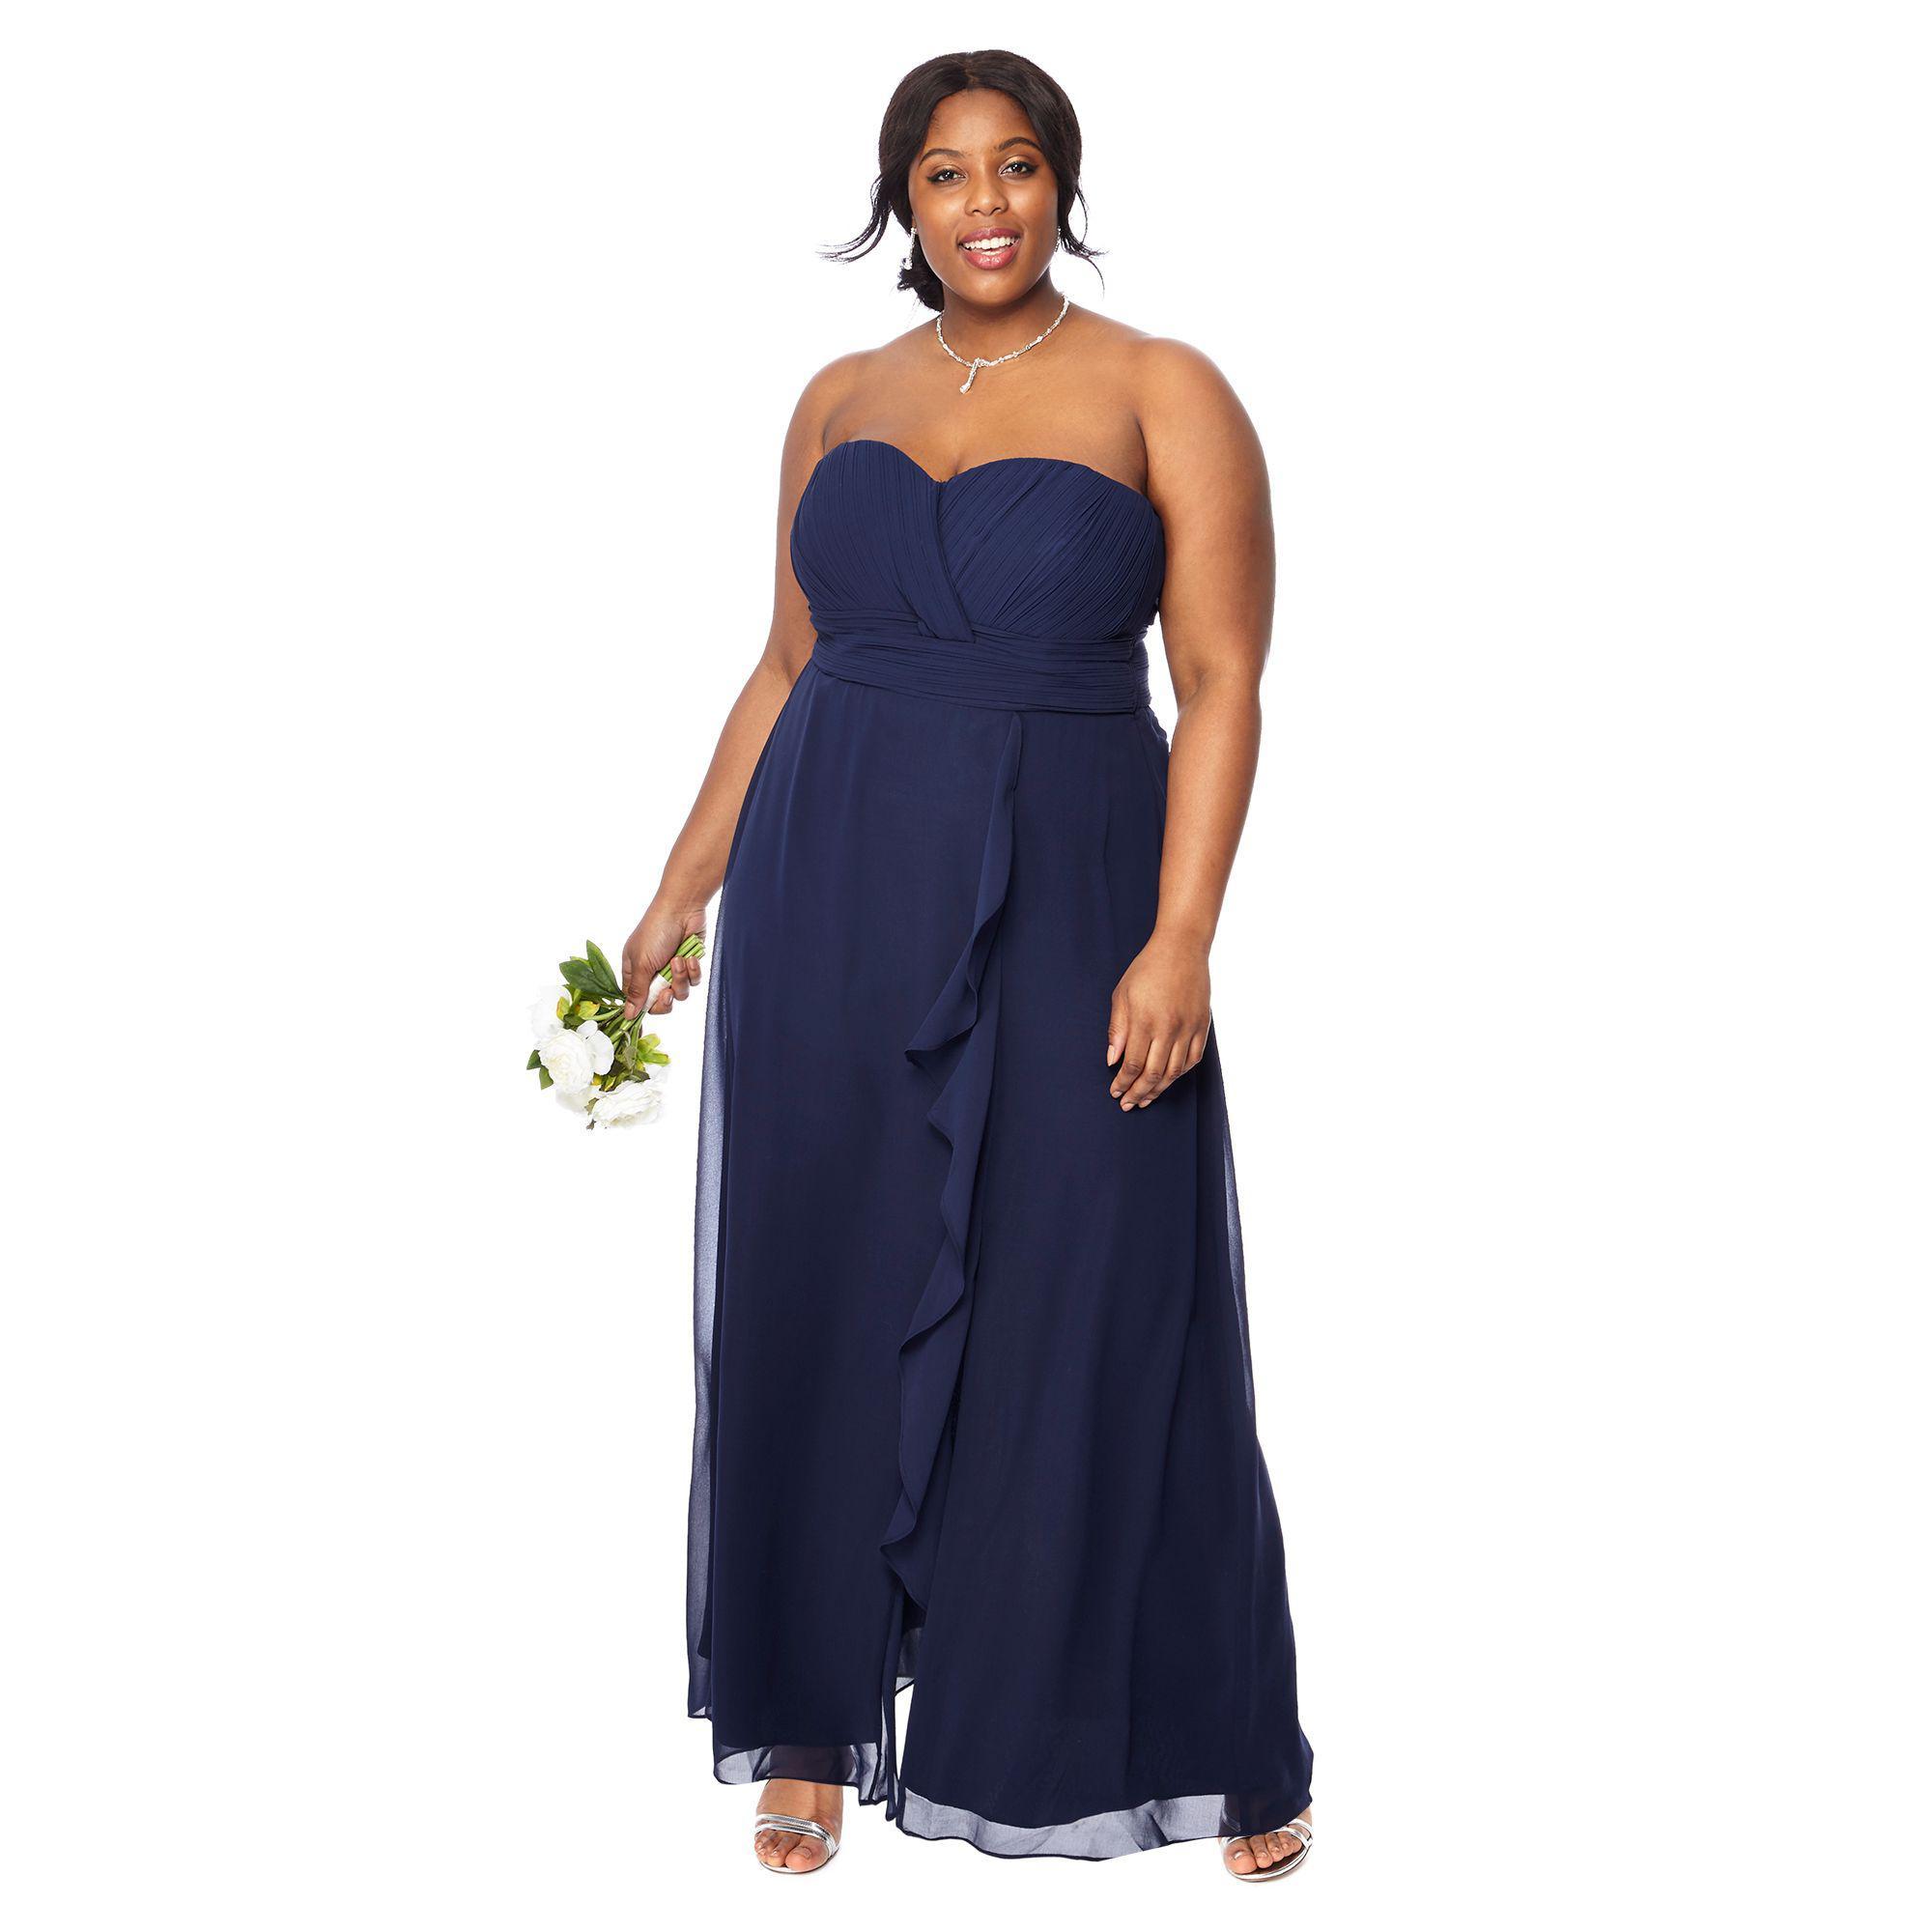 Plus Size Bridesmaid Dresses Blue - Carley & Connellan